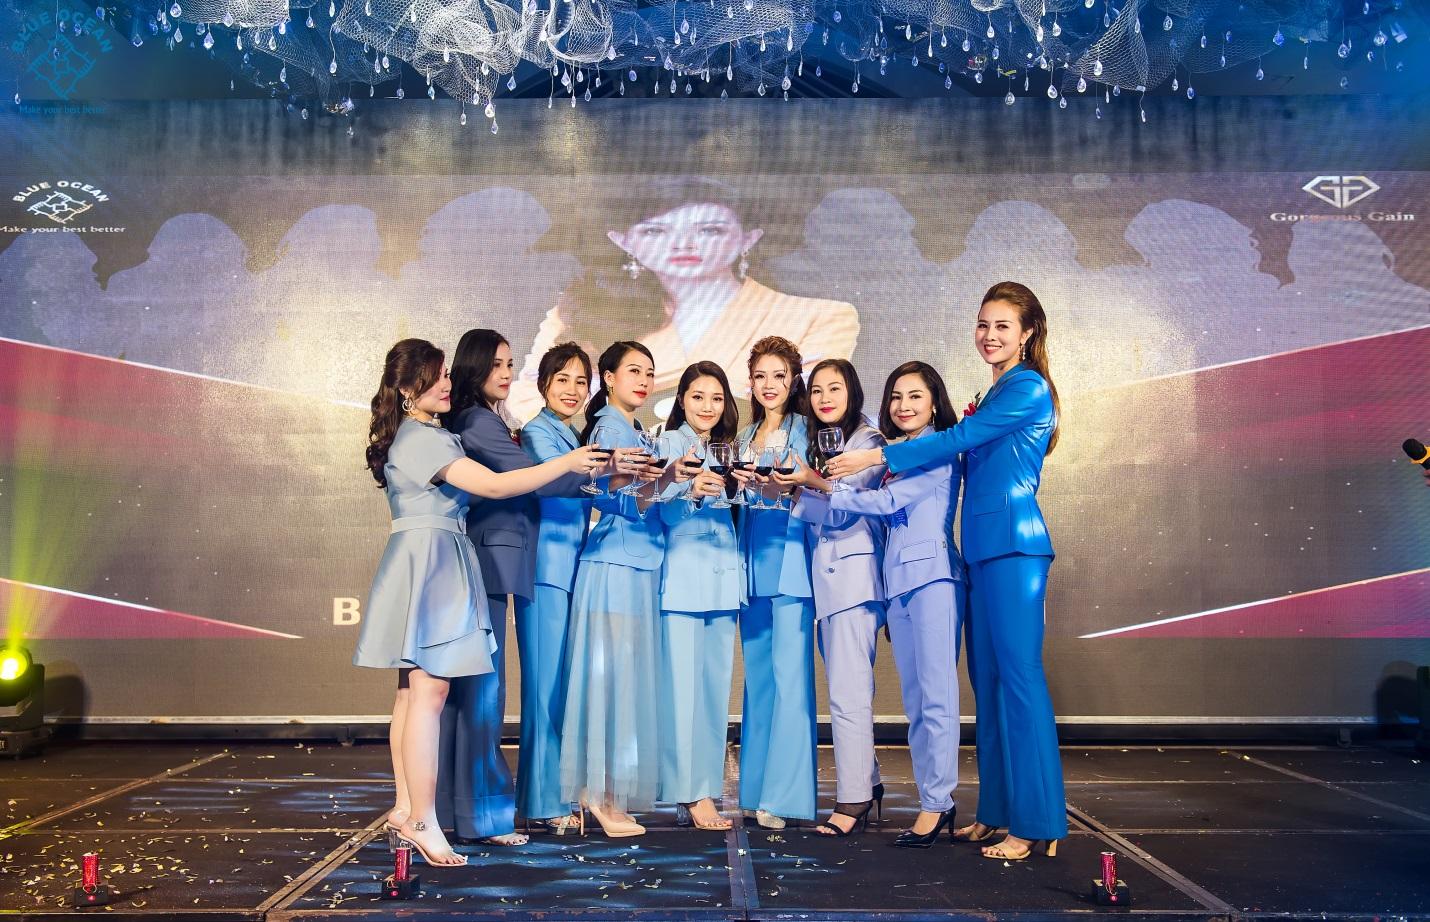 Công ty dược phẩm quốc tế Blue Ocean tổ chức lễ giới thiệu sản phẩm mới và vinh danh hệ thống nhà phân phối xuất sắc  - Ảnh 7